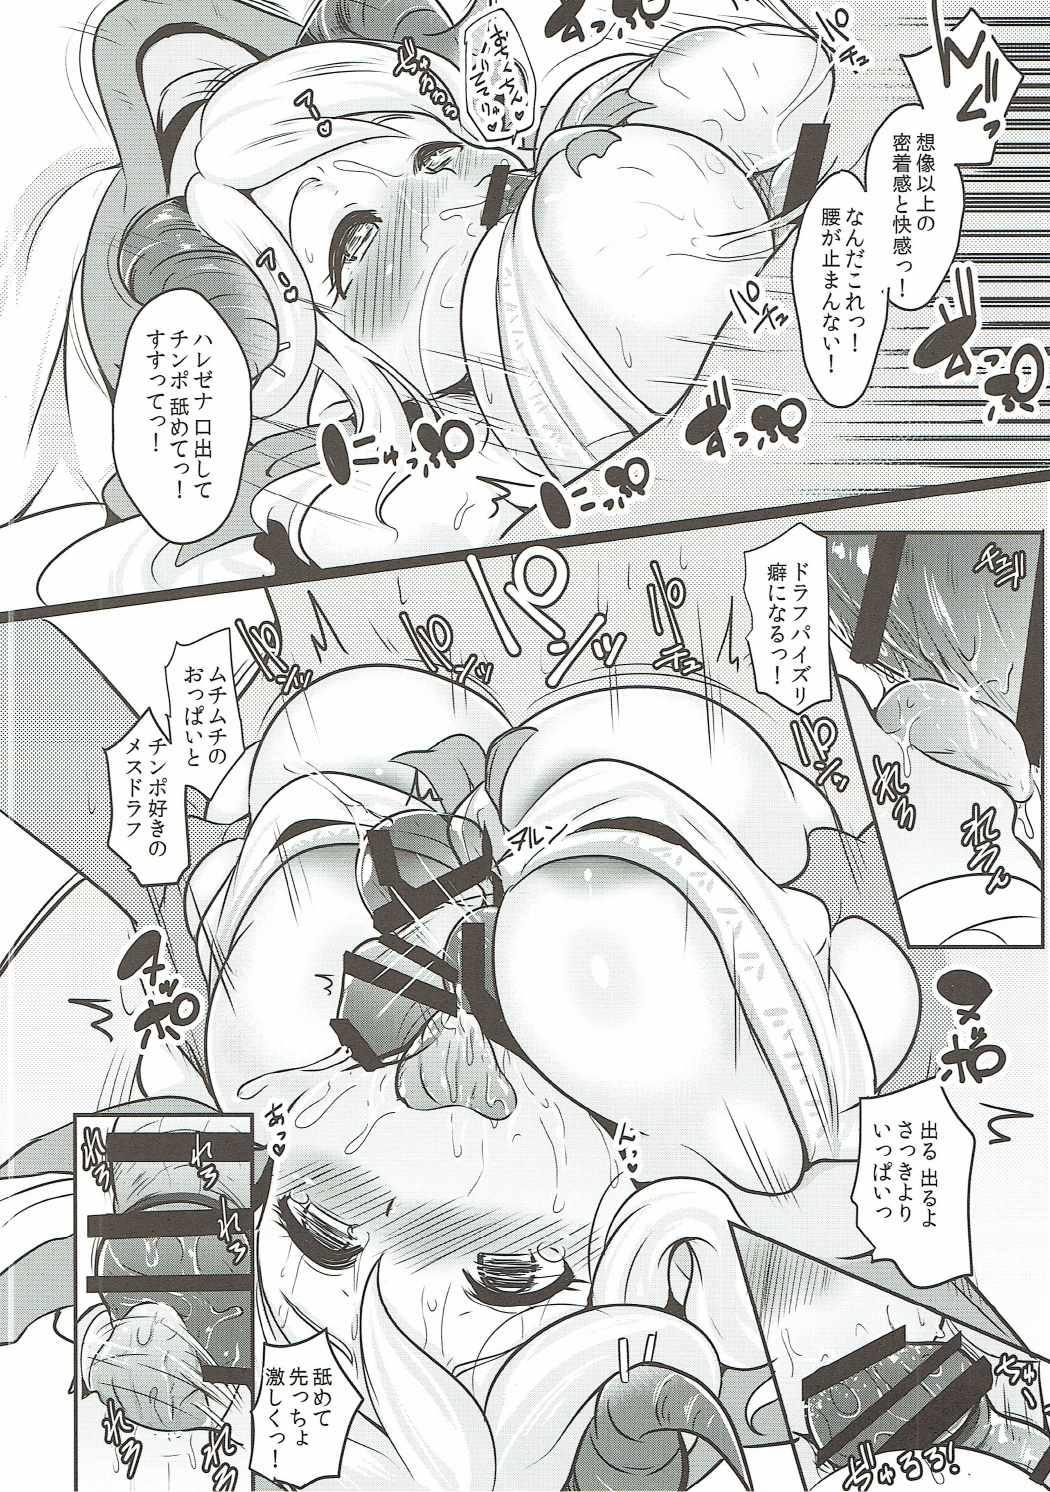 【エロ同人誌】むっちりぷにぷにボディがエッチすぎるハレゼナといちゃラブセックスwww【グランブルーファンタジー/C90】